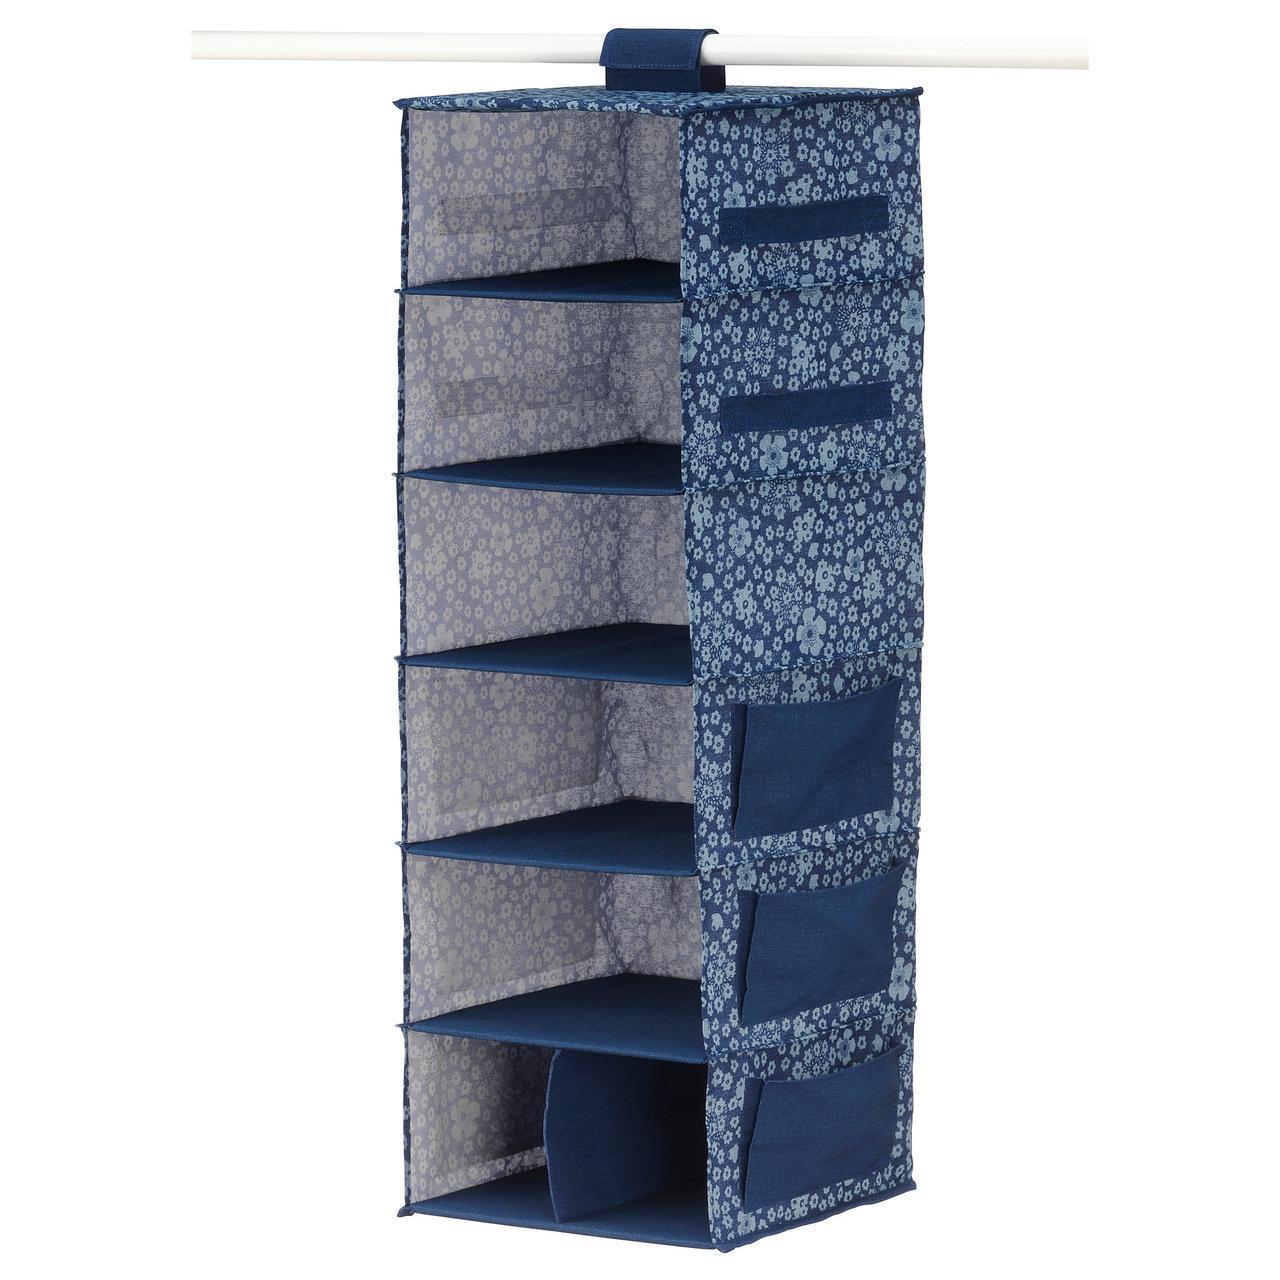 Вешалка для одежды IKEA STORSTABBE 30x30x90 см 7 отсеков синяя 203.983.58